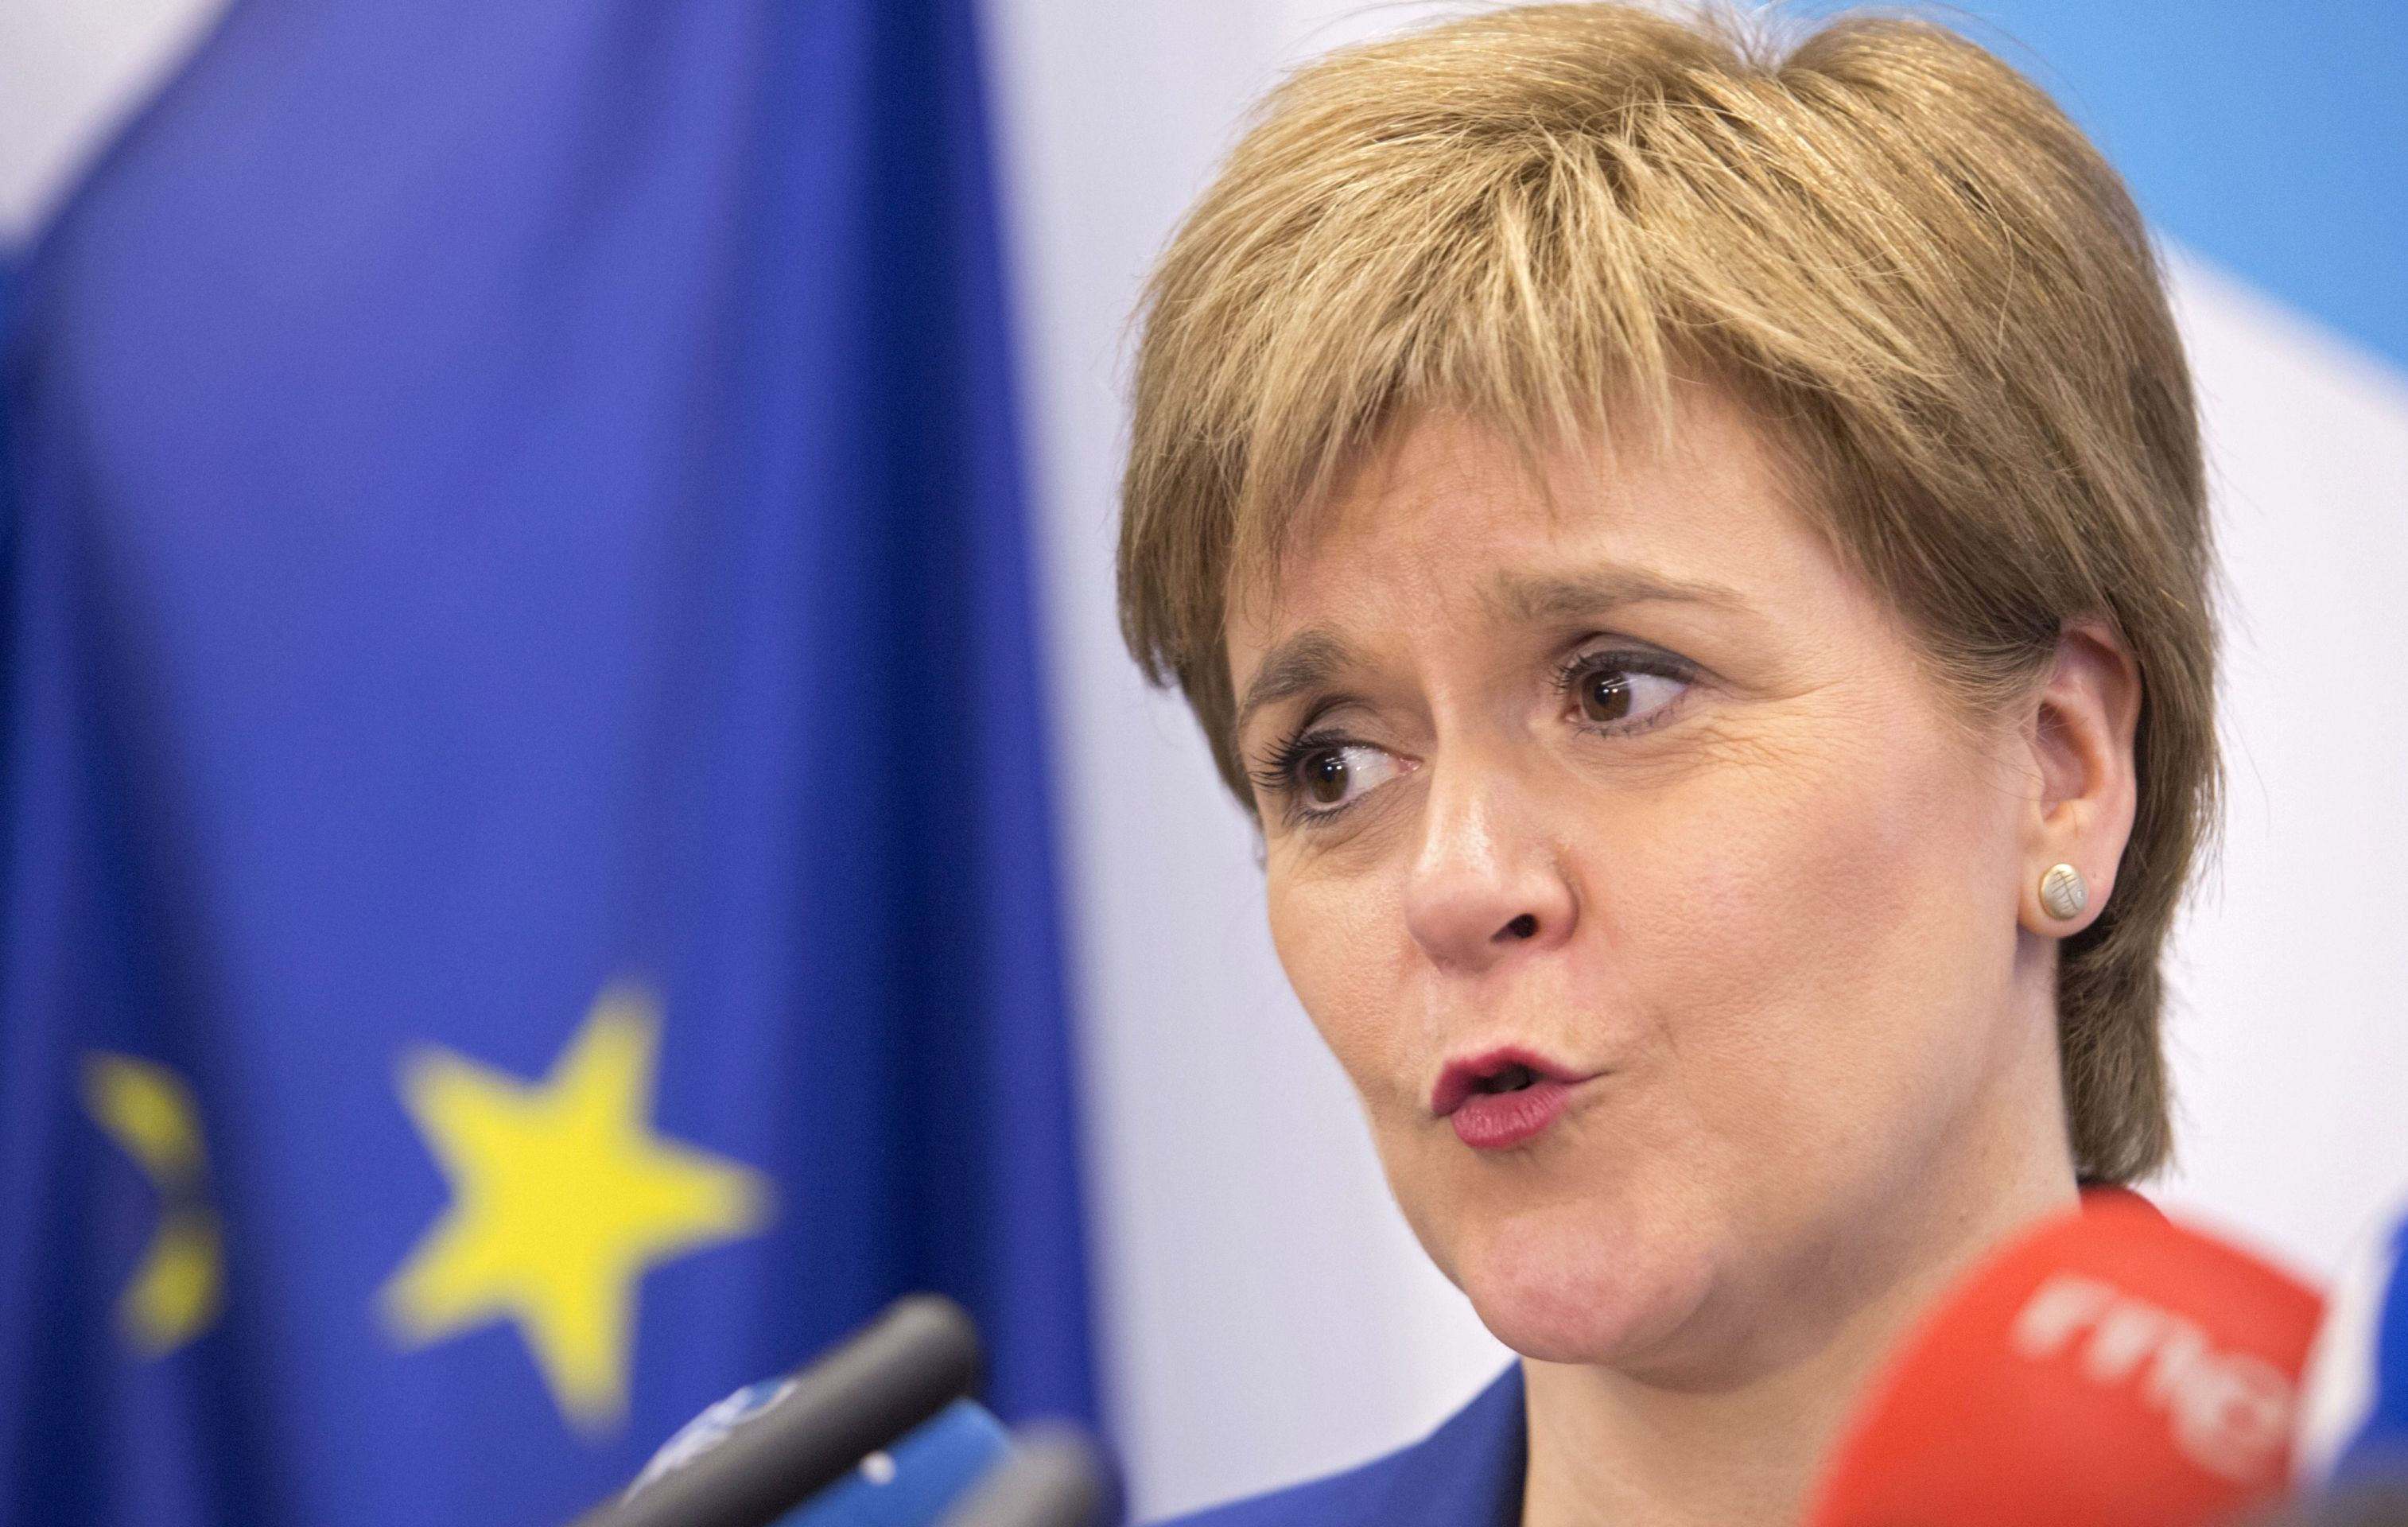 Nakon napada u Londonu prekinuta rasprava u škotskom parlamentu